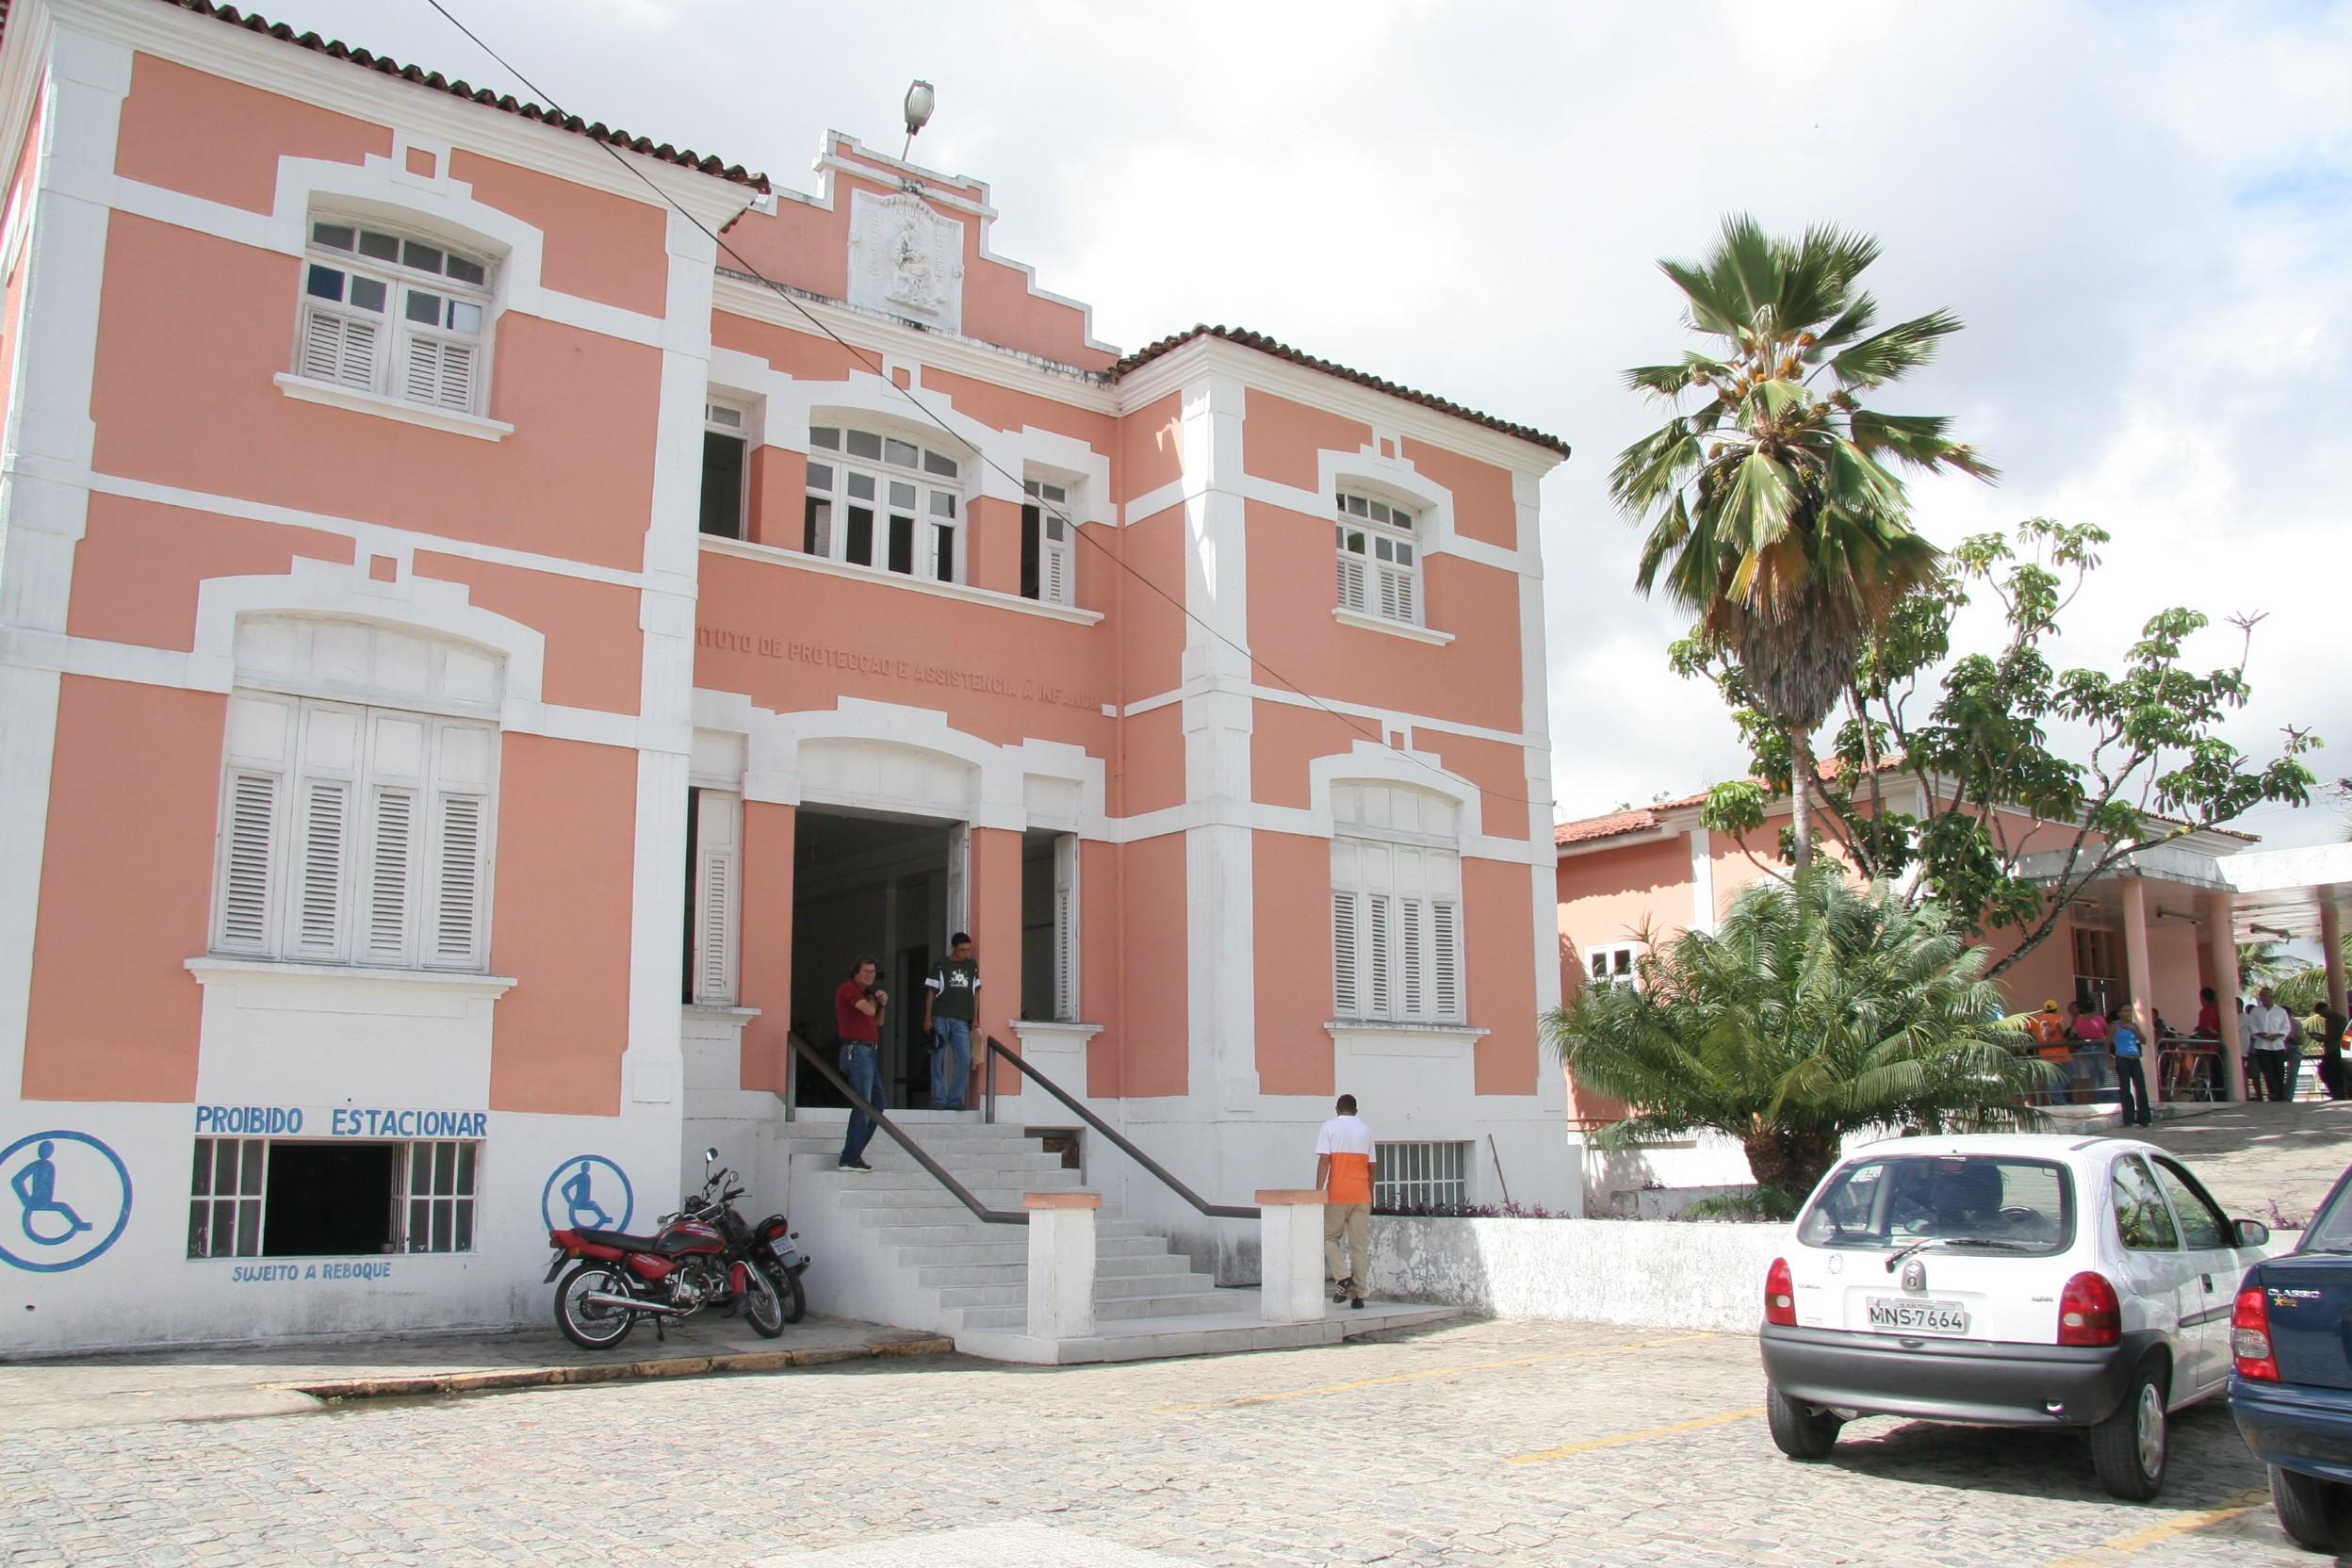 Serviço de hemodiálise em hospital de João Pessoa é retomado após 2 dias suspenso